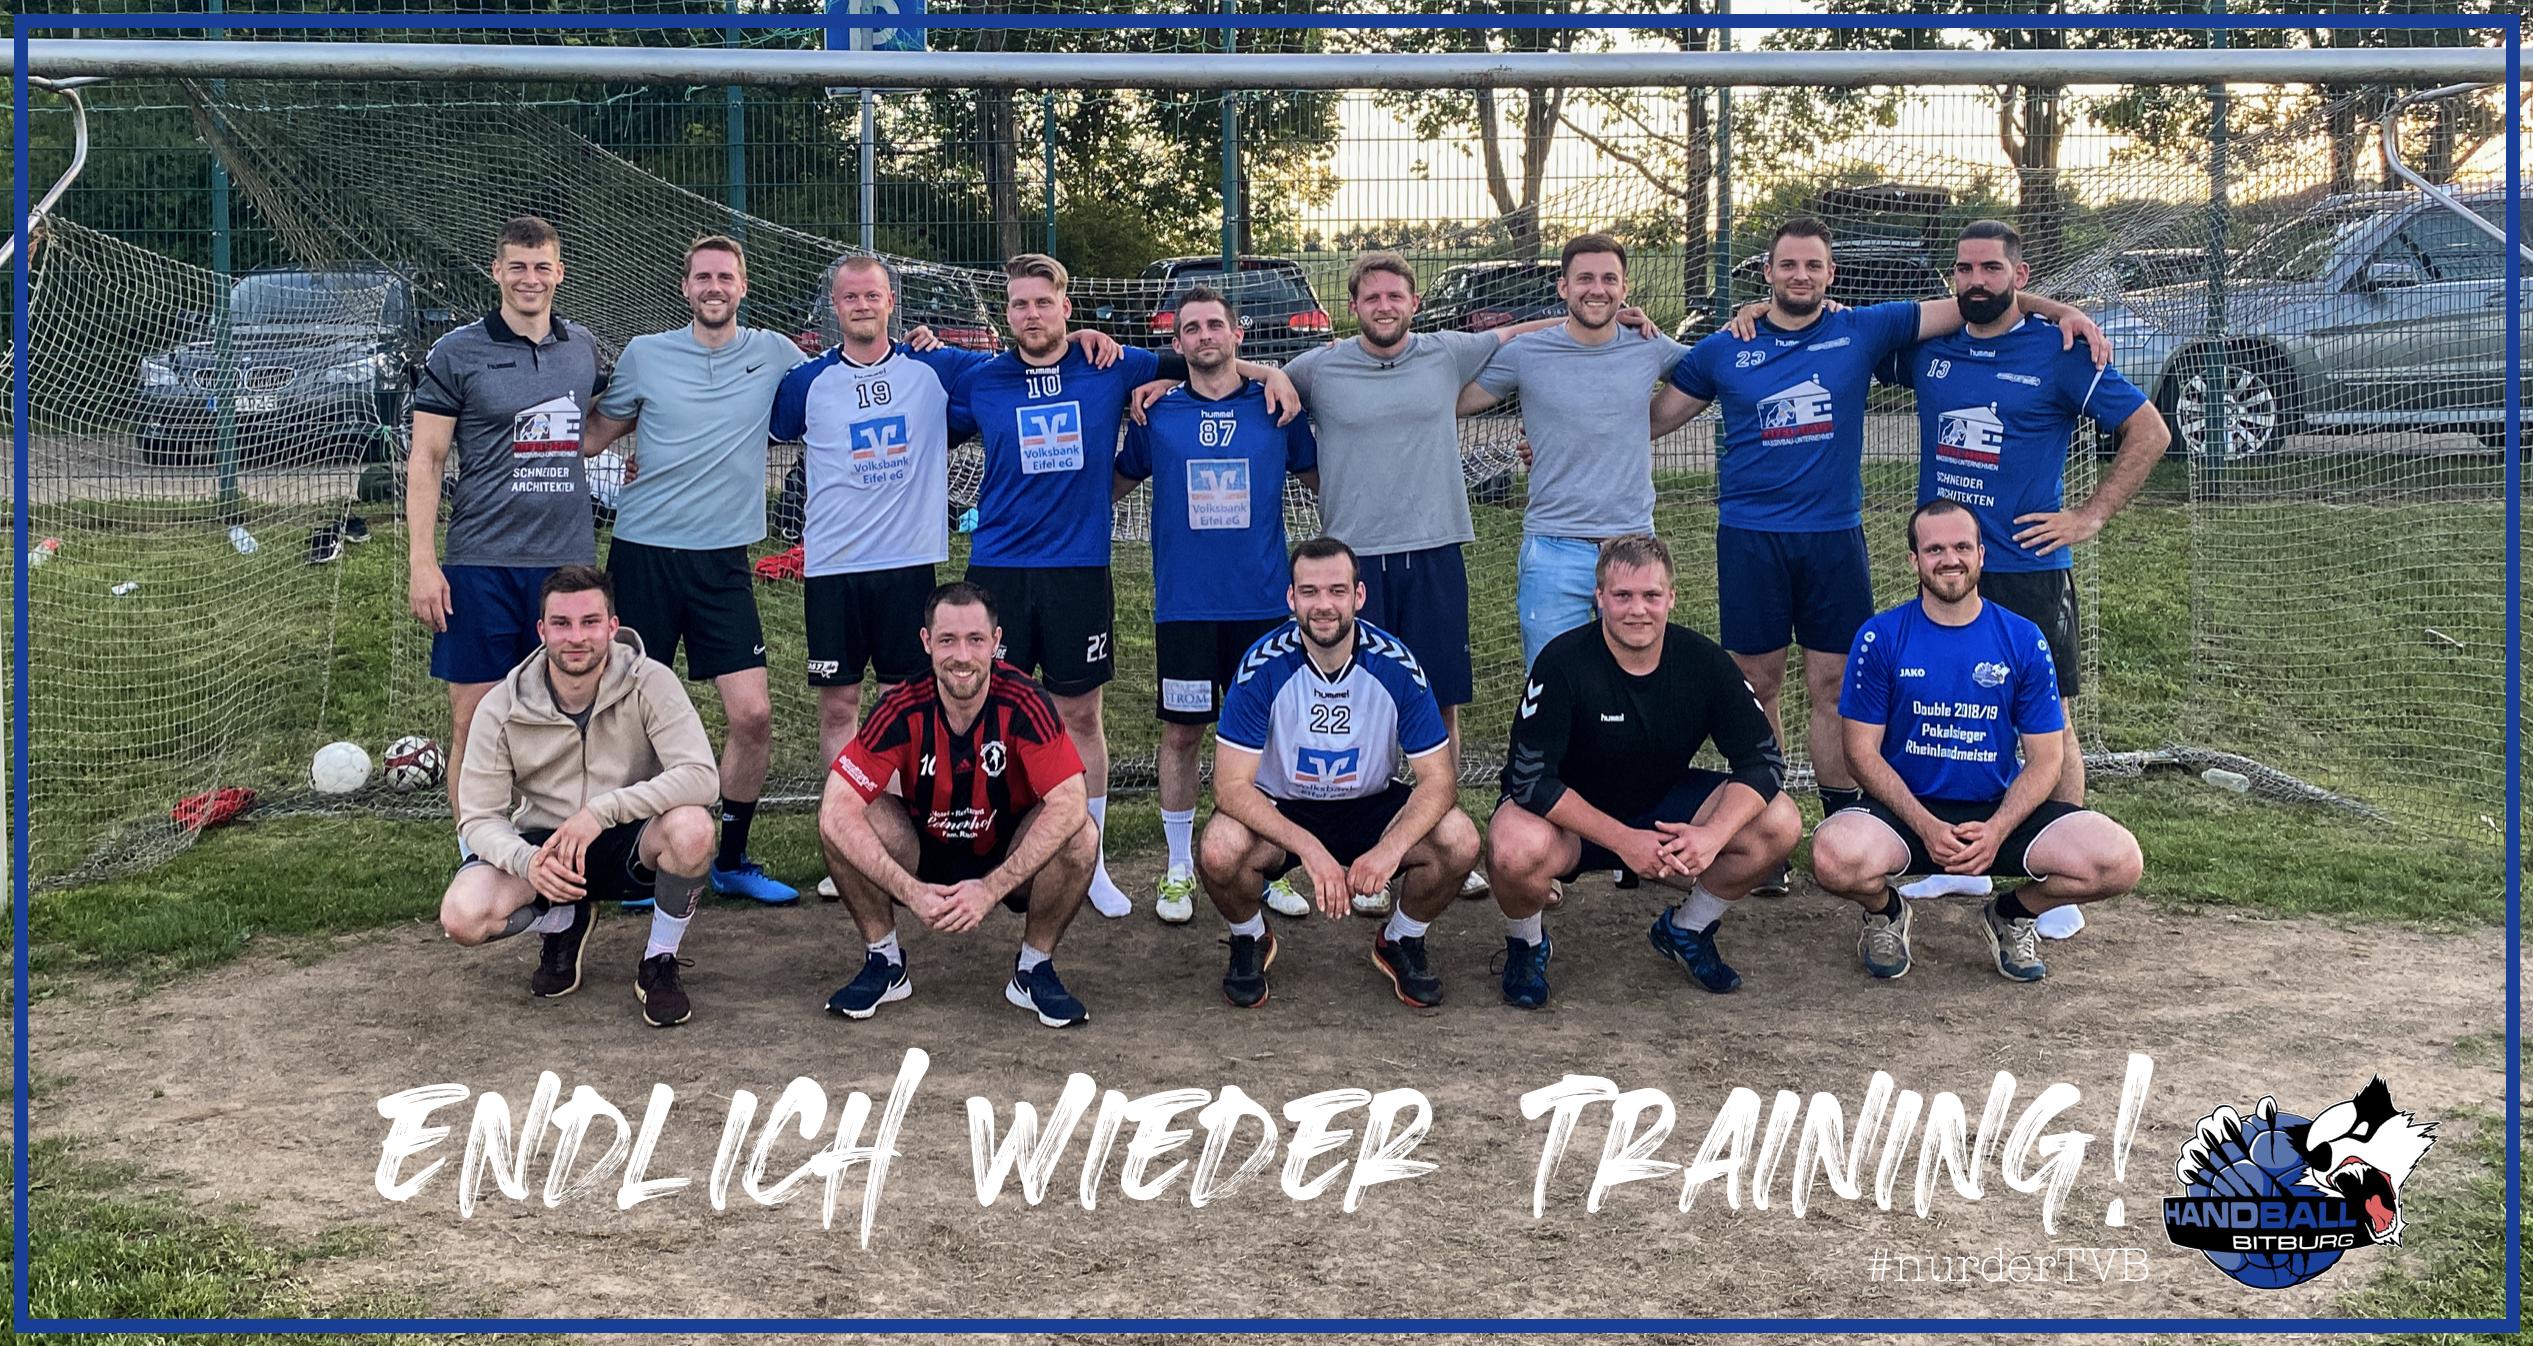 Endlich wieder Training – 1. Herren zurück im Mannschafts-Training